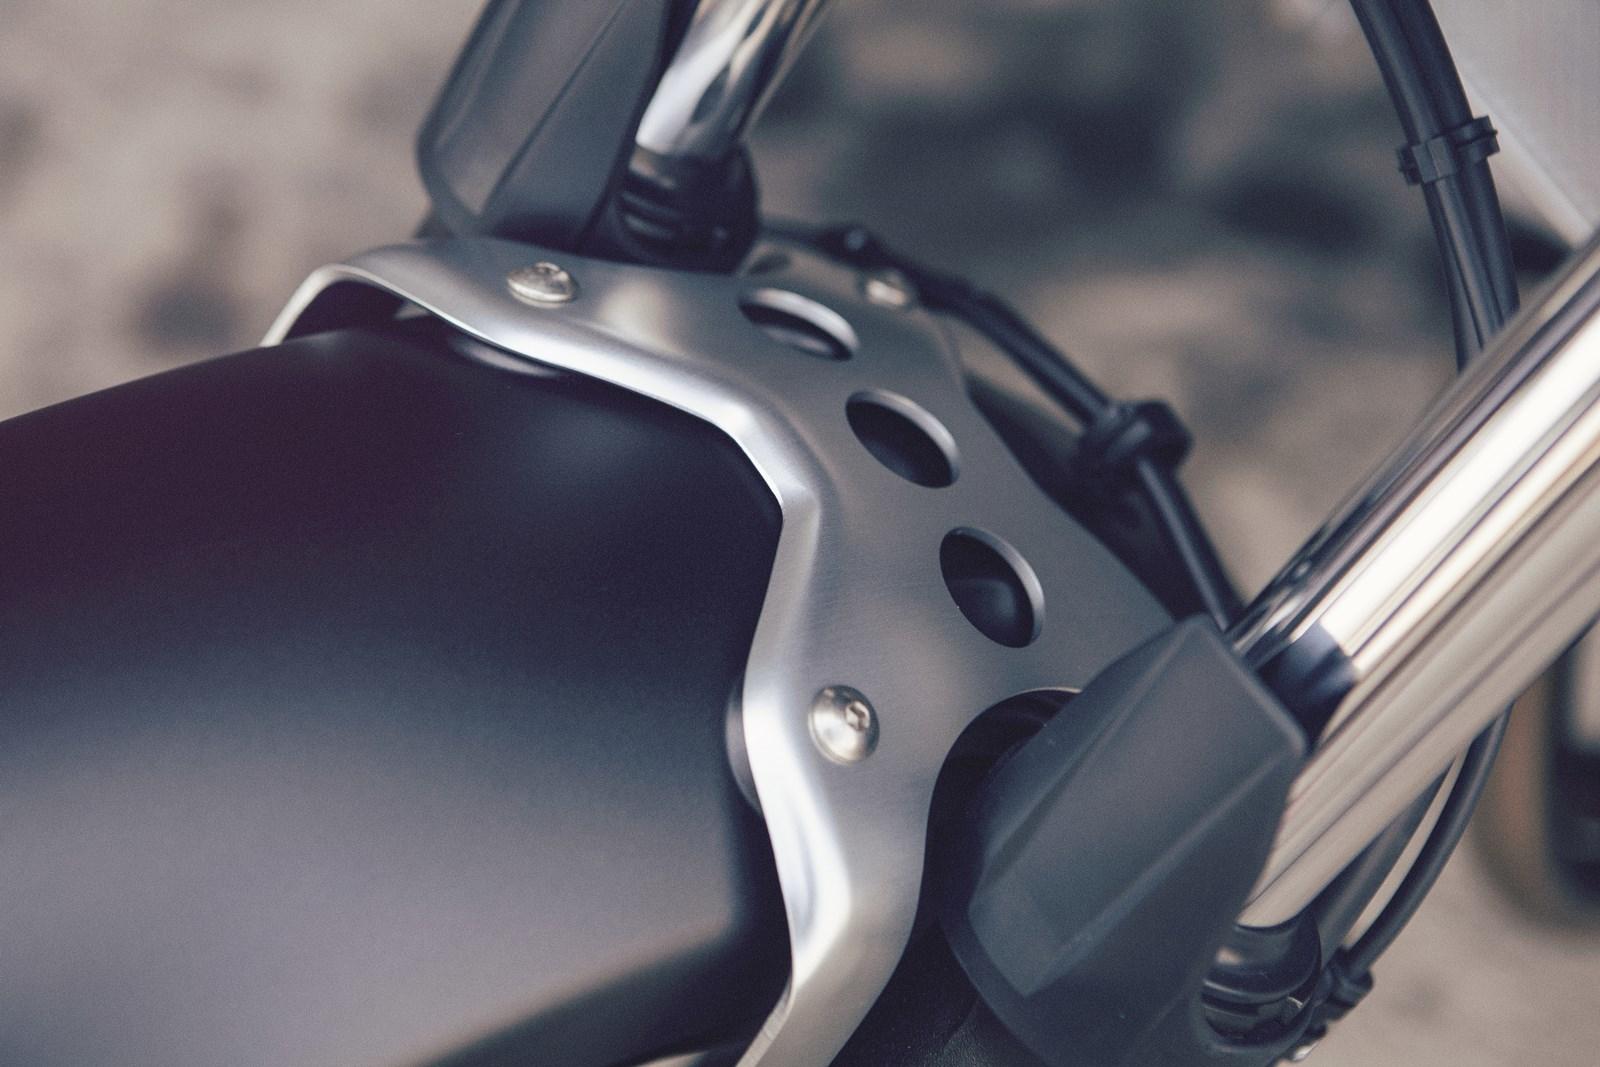 Foto de Yamaha XSR700 en acción y detalles (38/41)